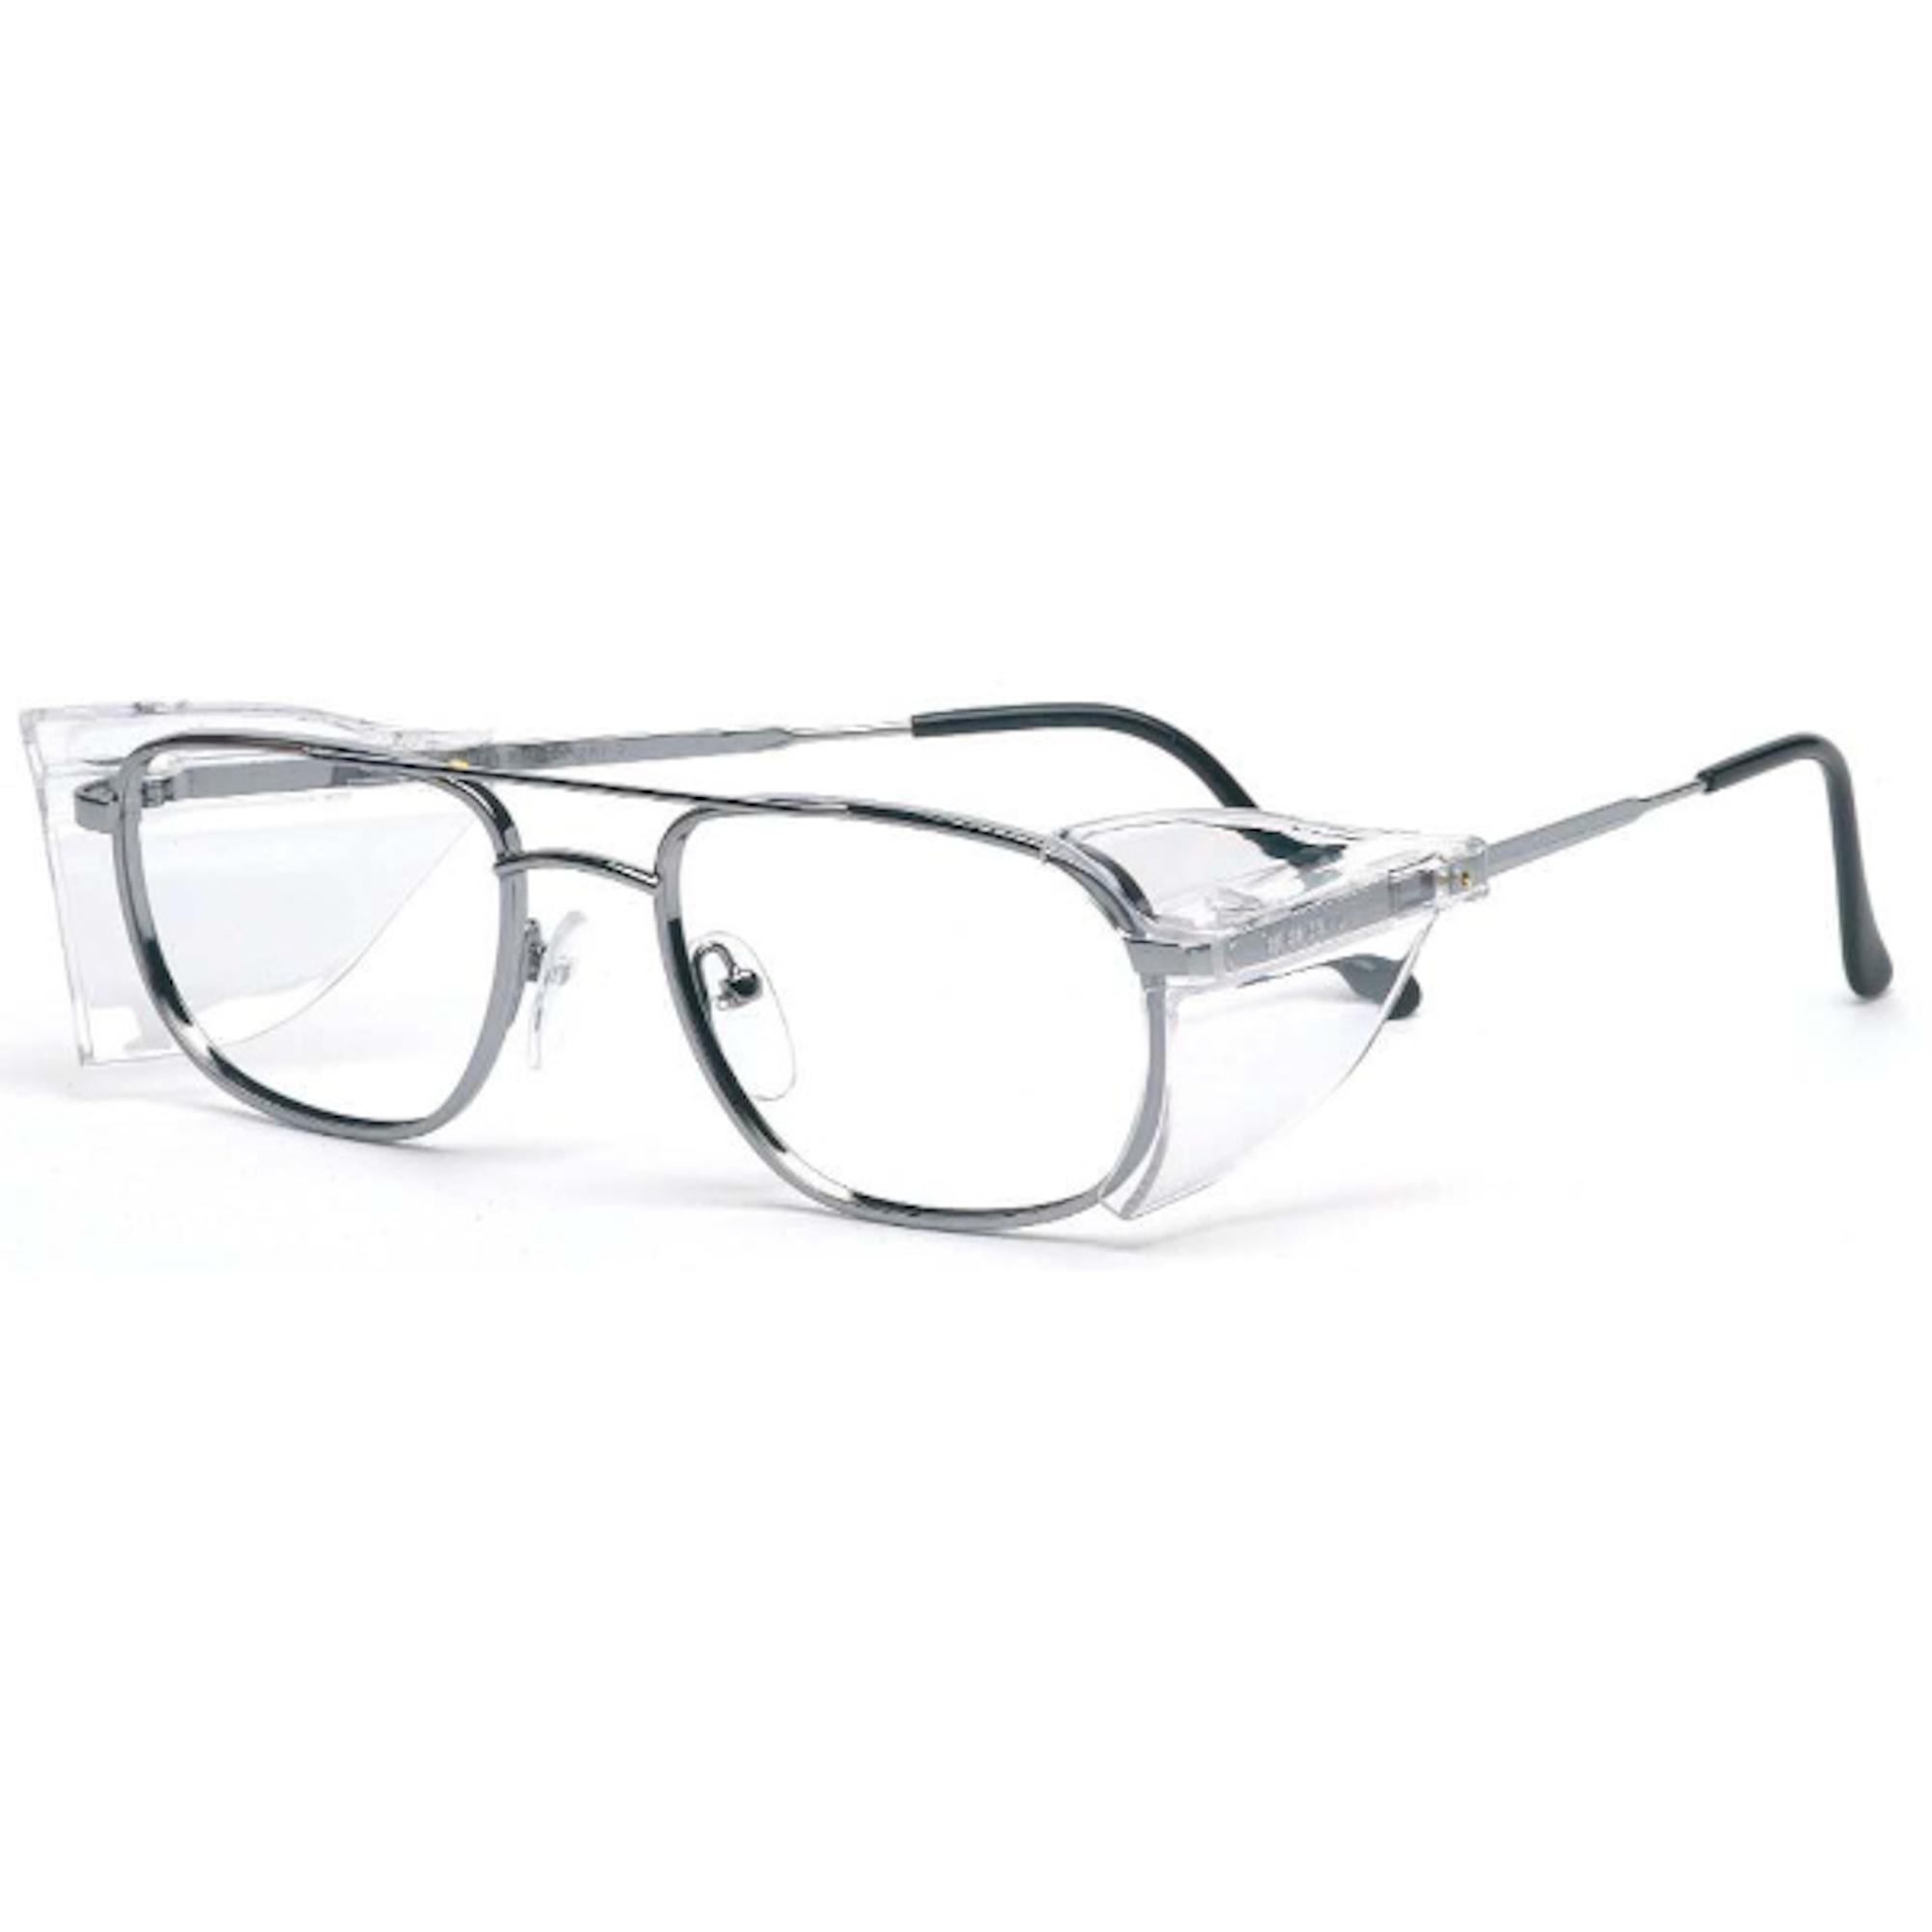 industrial eyecare ie0071 frames gunmetal